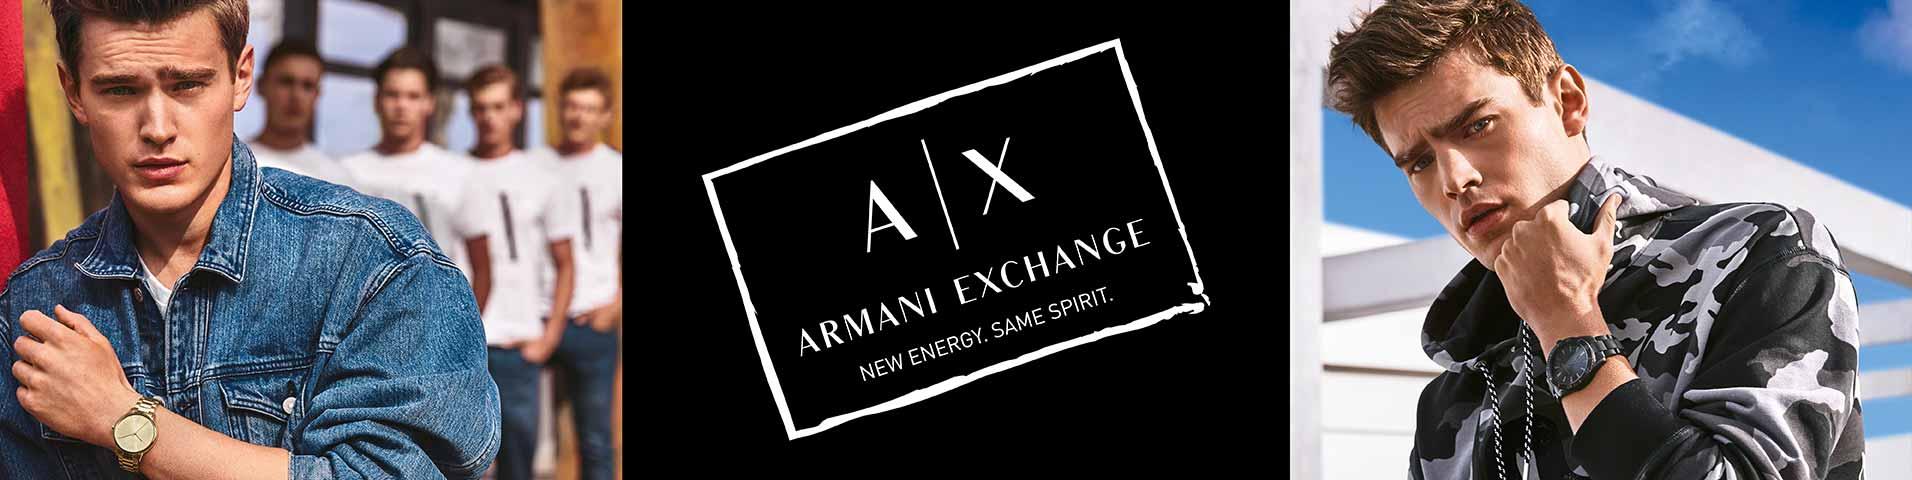 8cf3bf152dfa5 Zegarki męskie Armani Exchange - ponadczasowe i eleganckie dodatki w ...